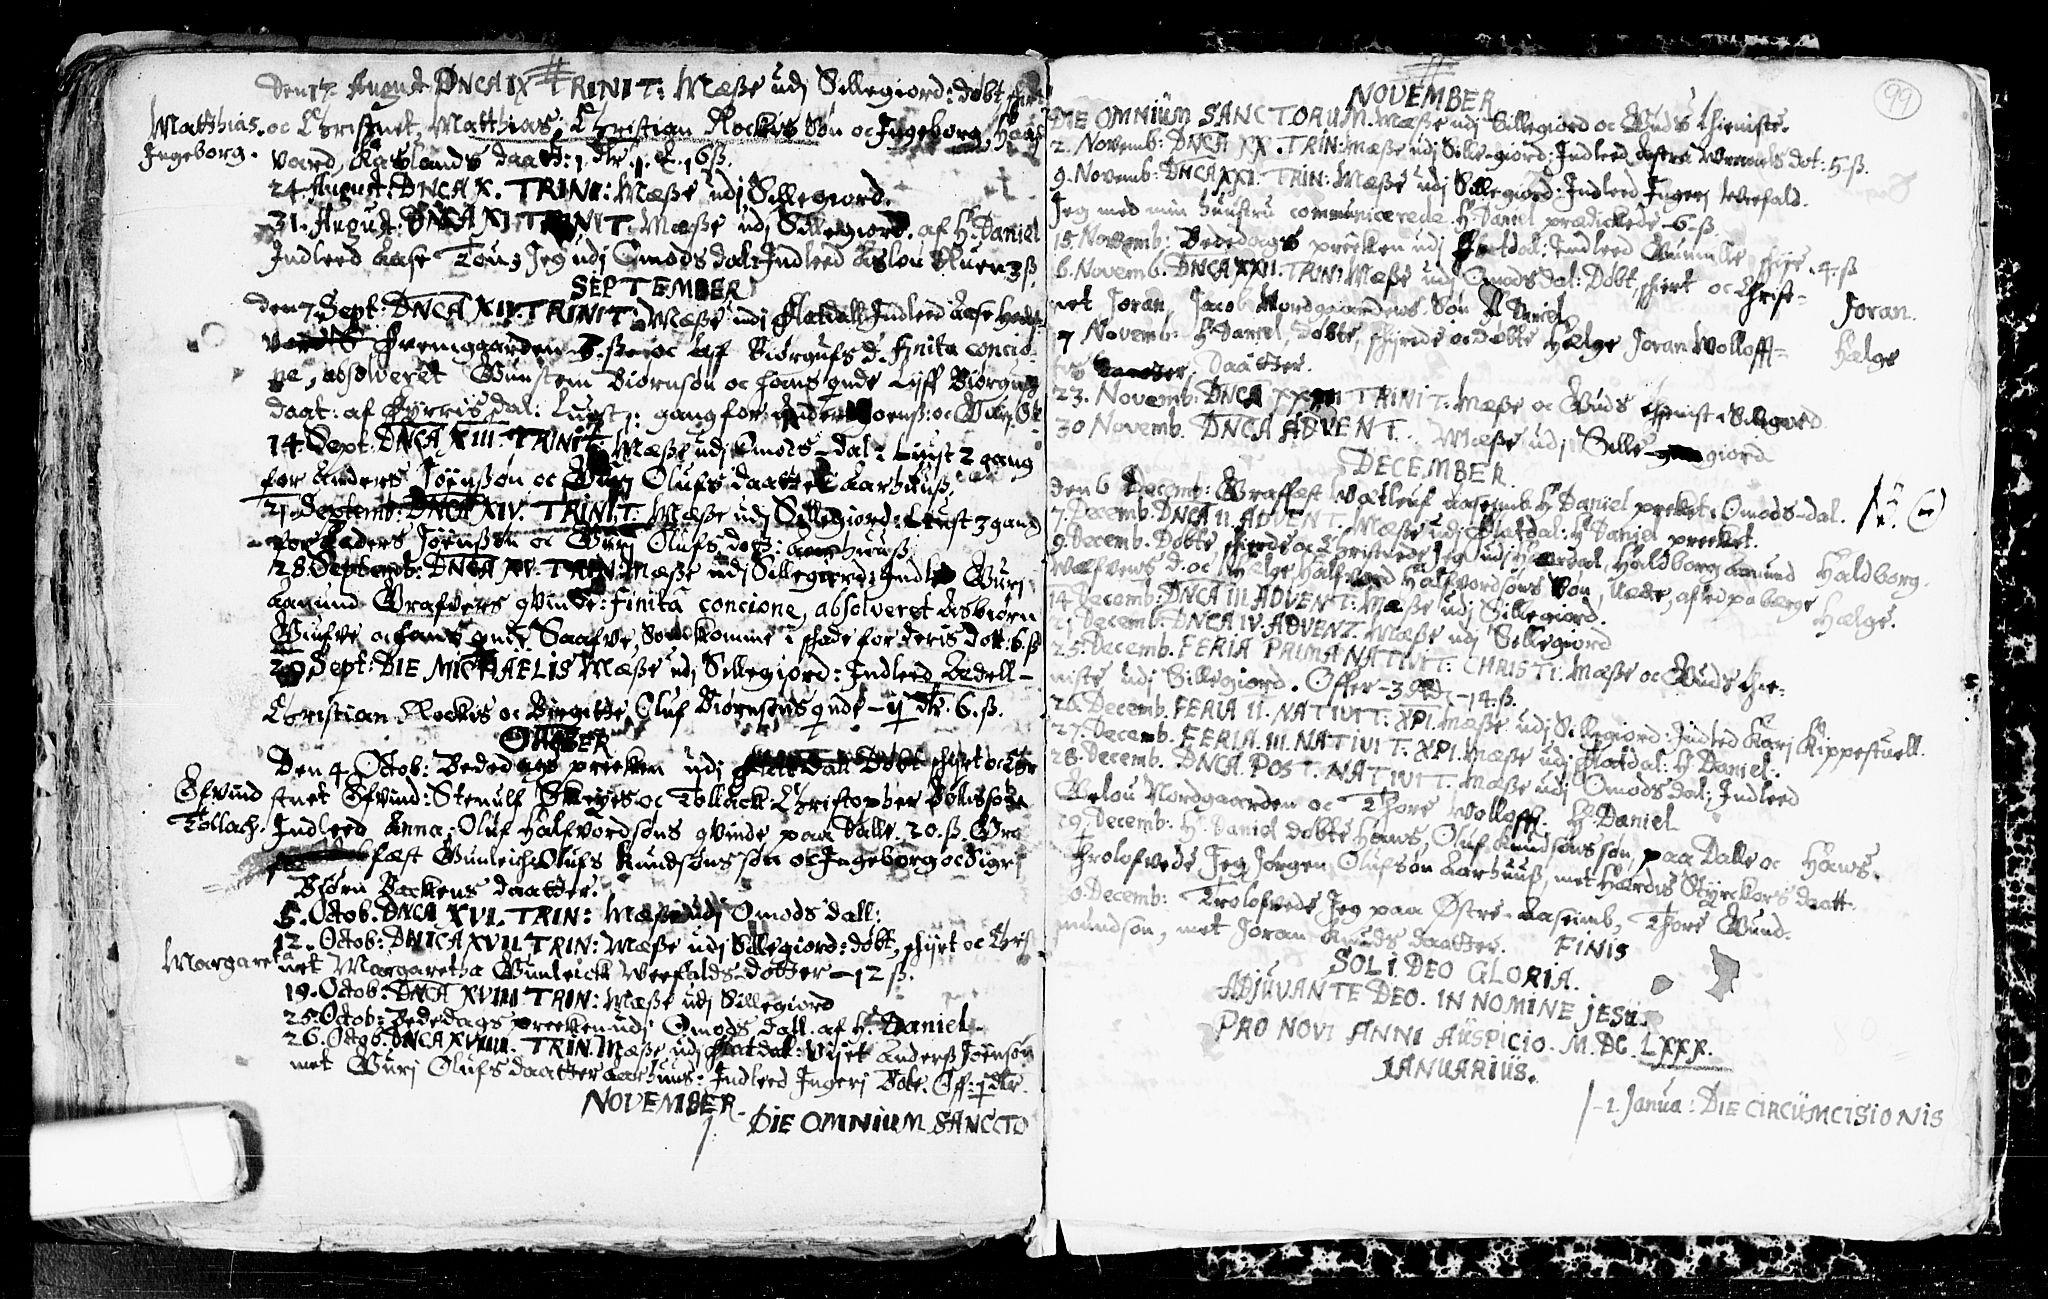 SAKO, Seljord kirkebøker, F/Fa/L0001: Ministerialbok nr. I 1, 1654-1686, s. 99